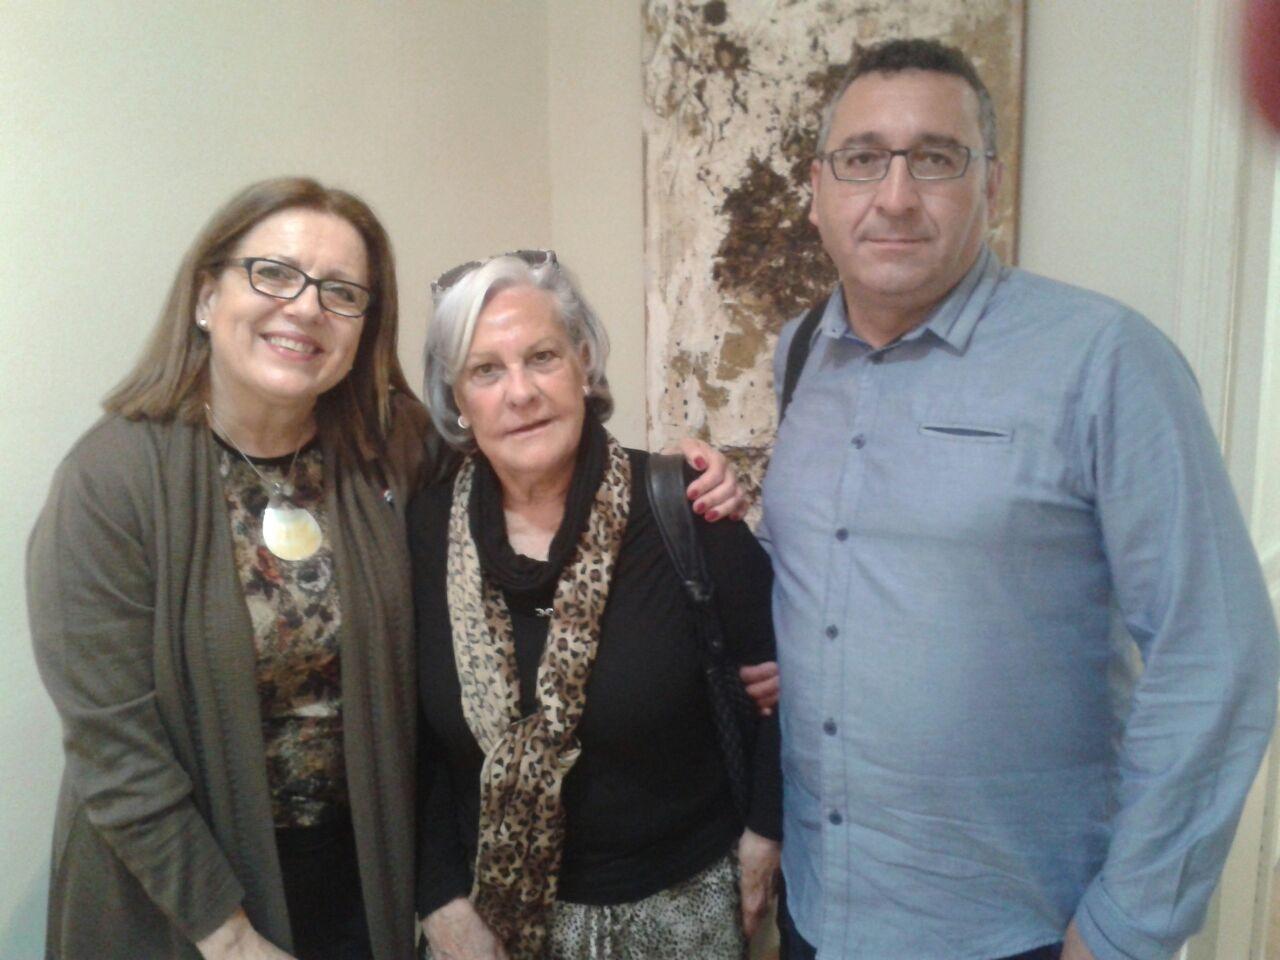 Año 2015. Ascensión de Aynat junto a Mª Ángeles Carretero (donante) y Javier González, Director Territorial Aldeas Infantiles Andalucía.